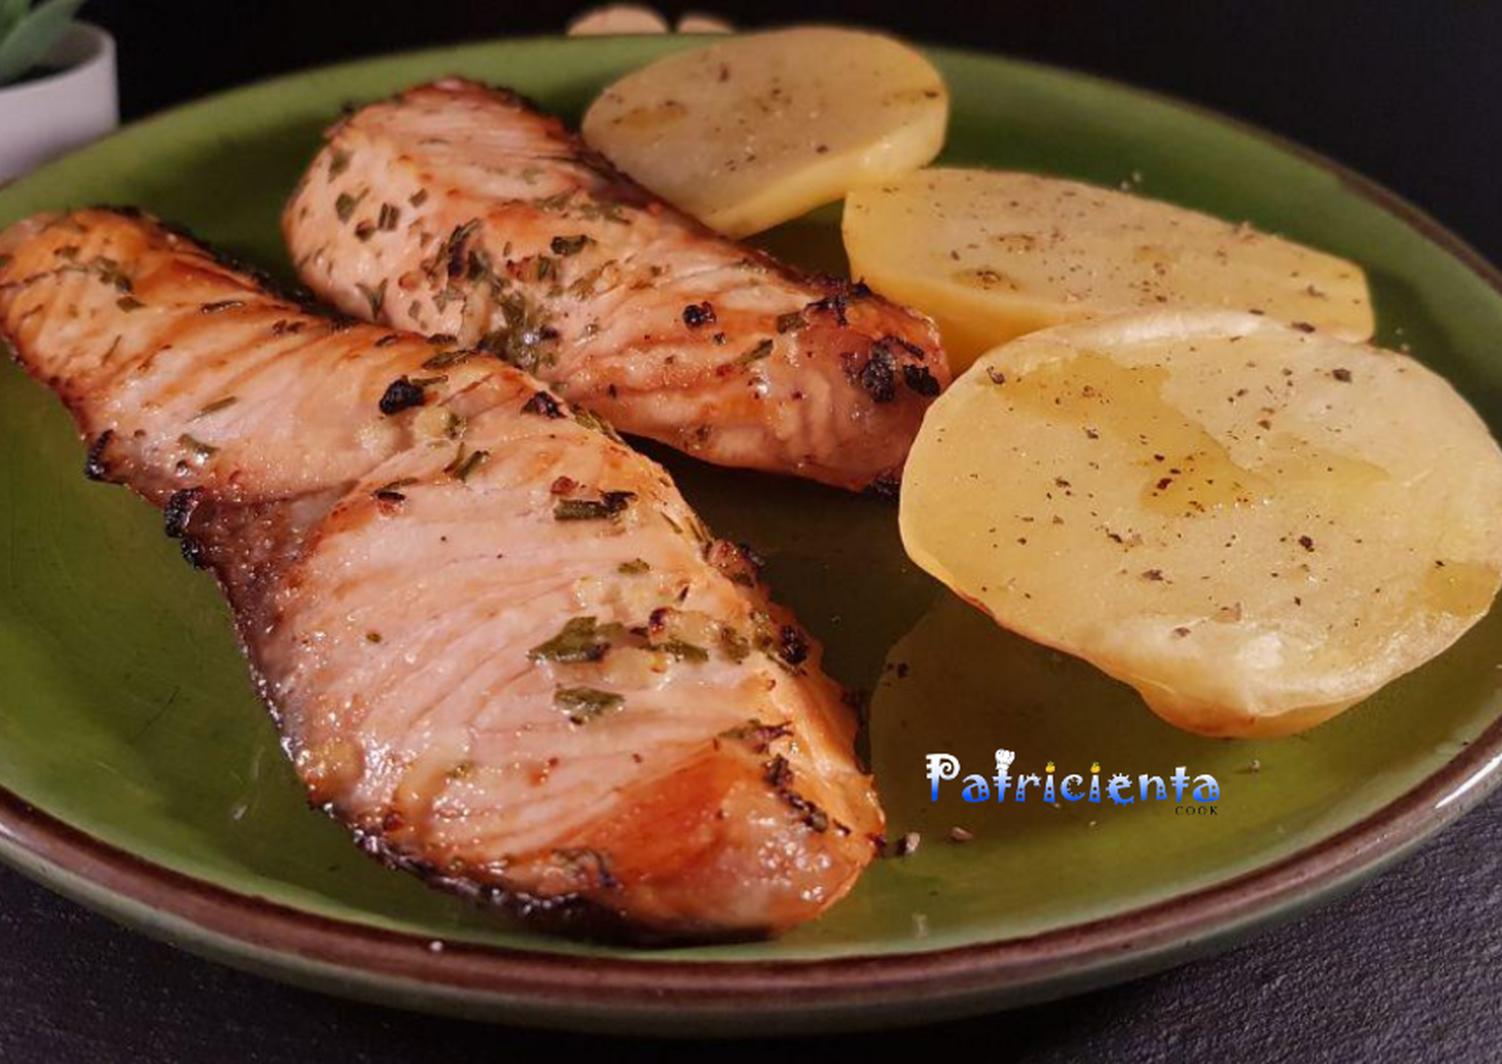 Salmón Con Patatas A La Cerveza En Freidora De Aire Receta De Patricienta Cook Receta Como Cocinar Salmon Recetas Para Freidora Freidora De Aire